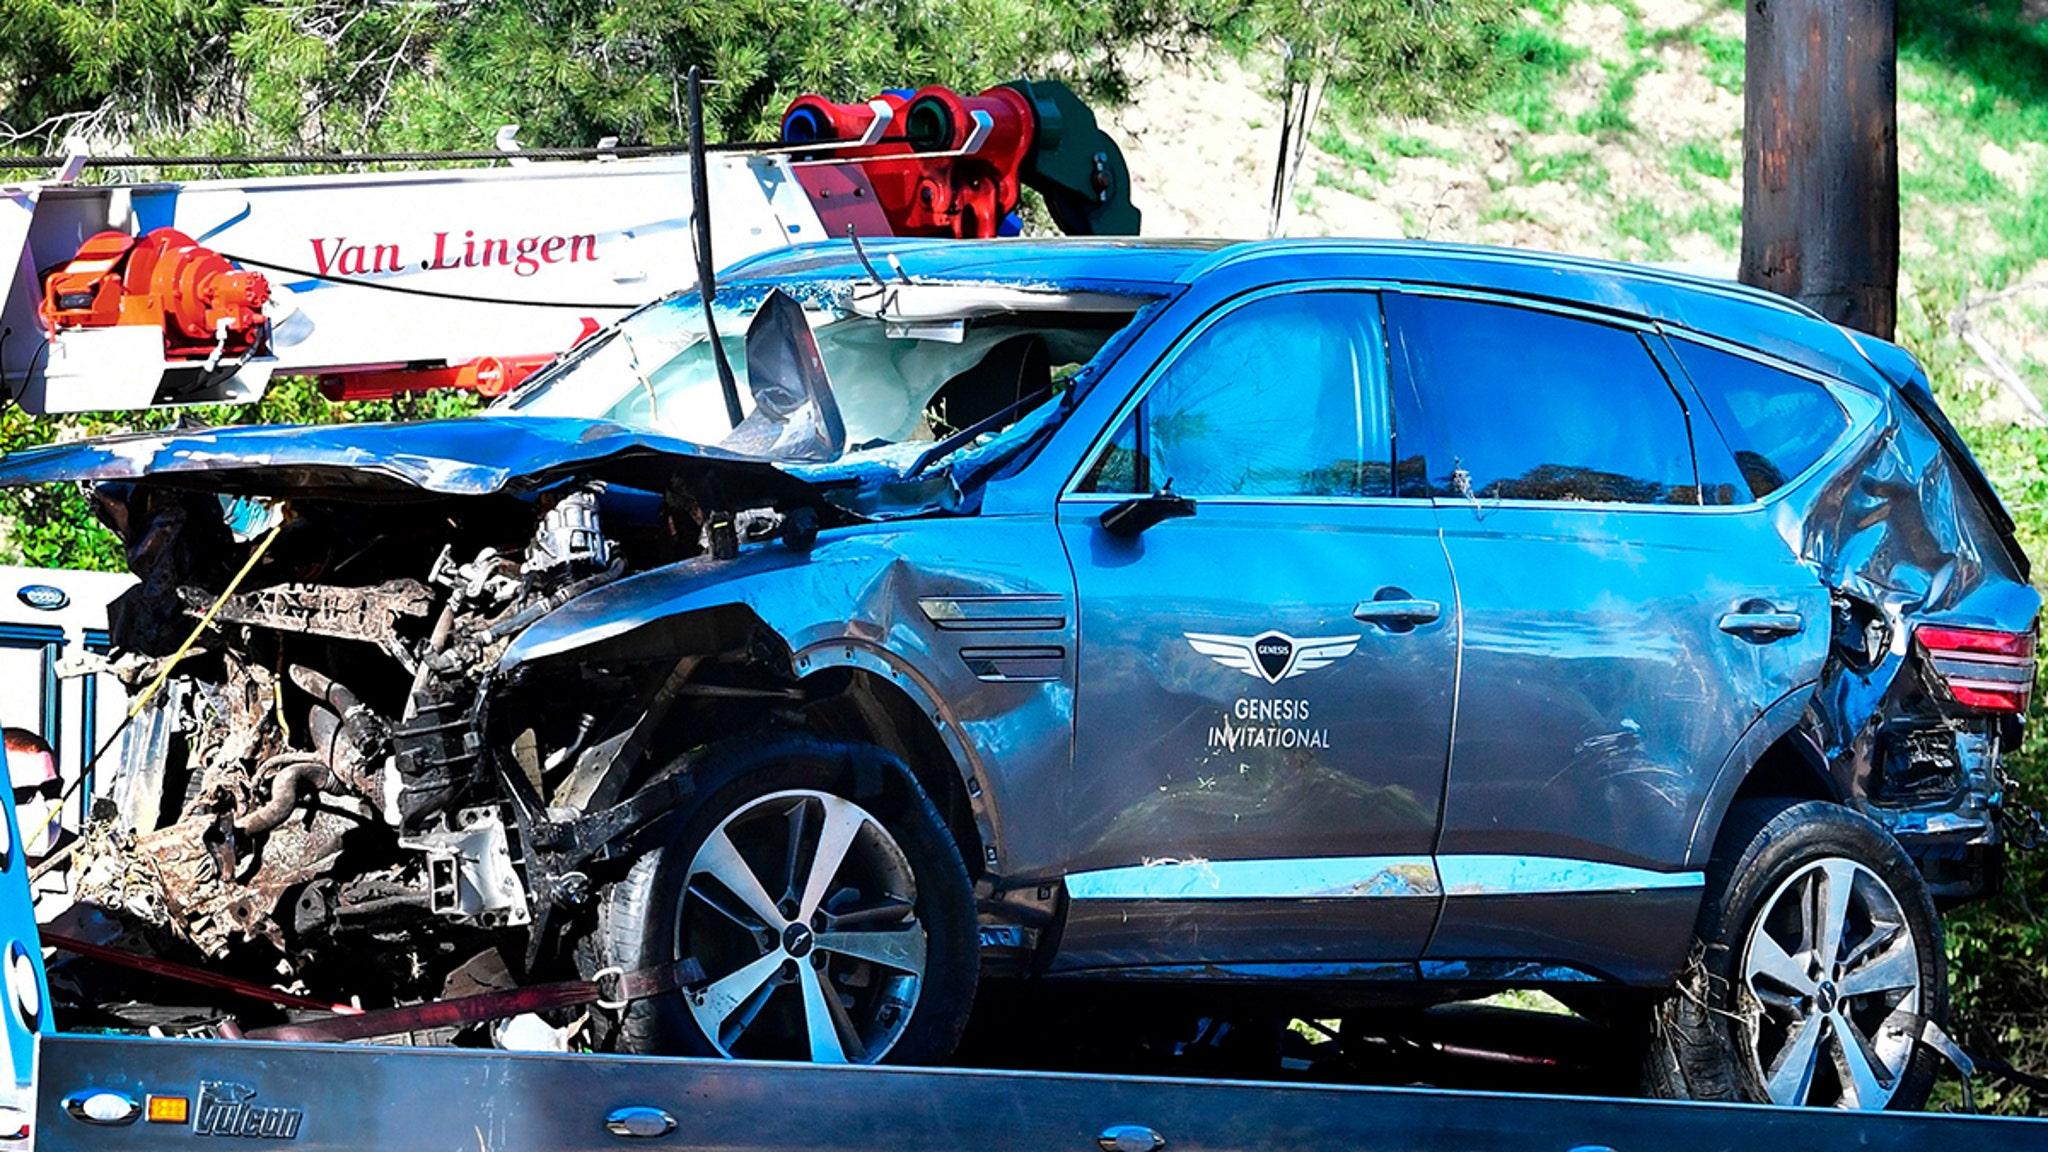 Крушение Тайгера Вудса, официальные лица получили ордер на извлечение черного ящика из разбитого внедорожника